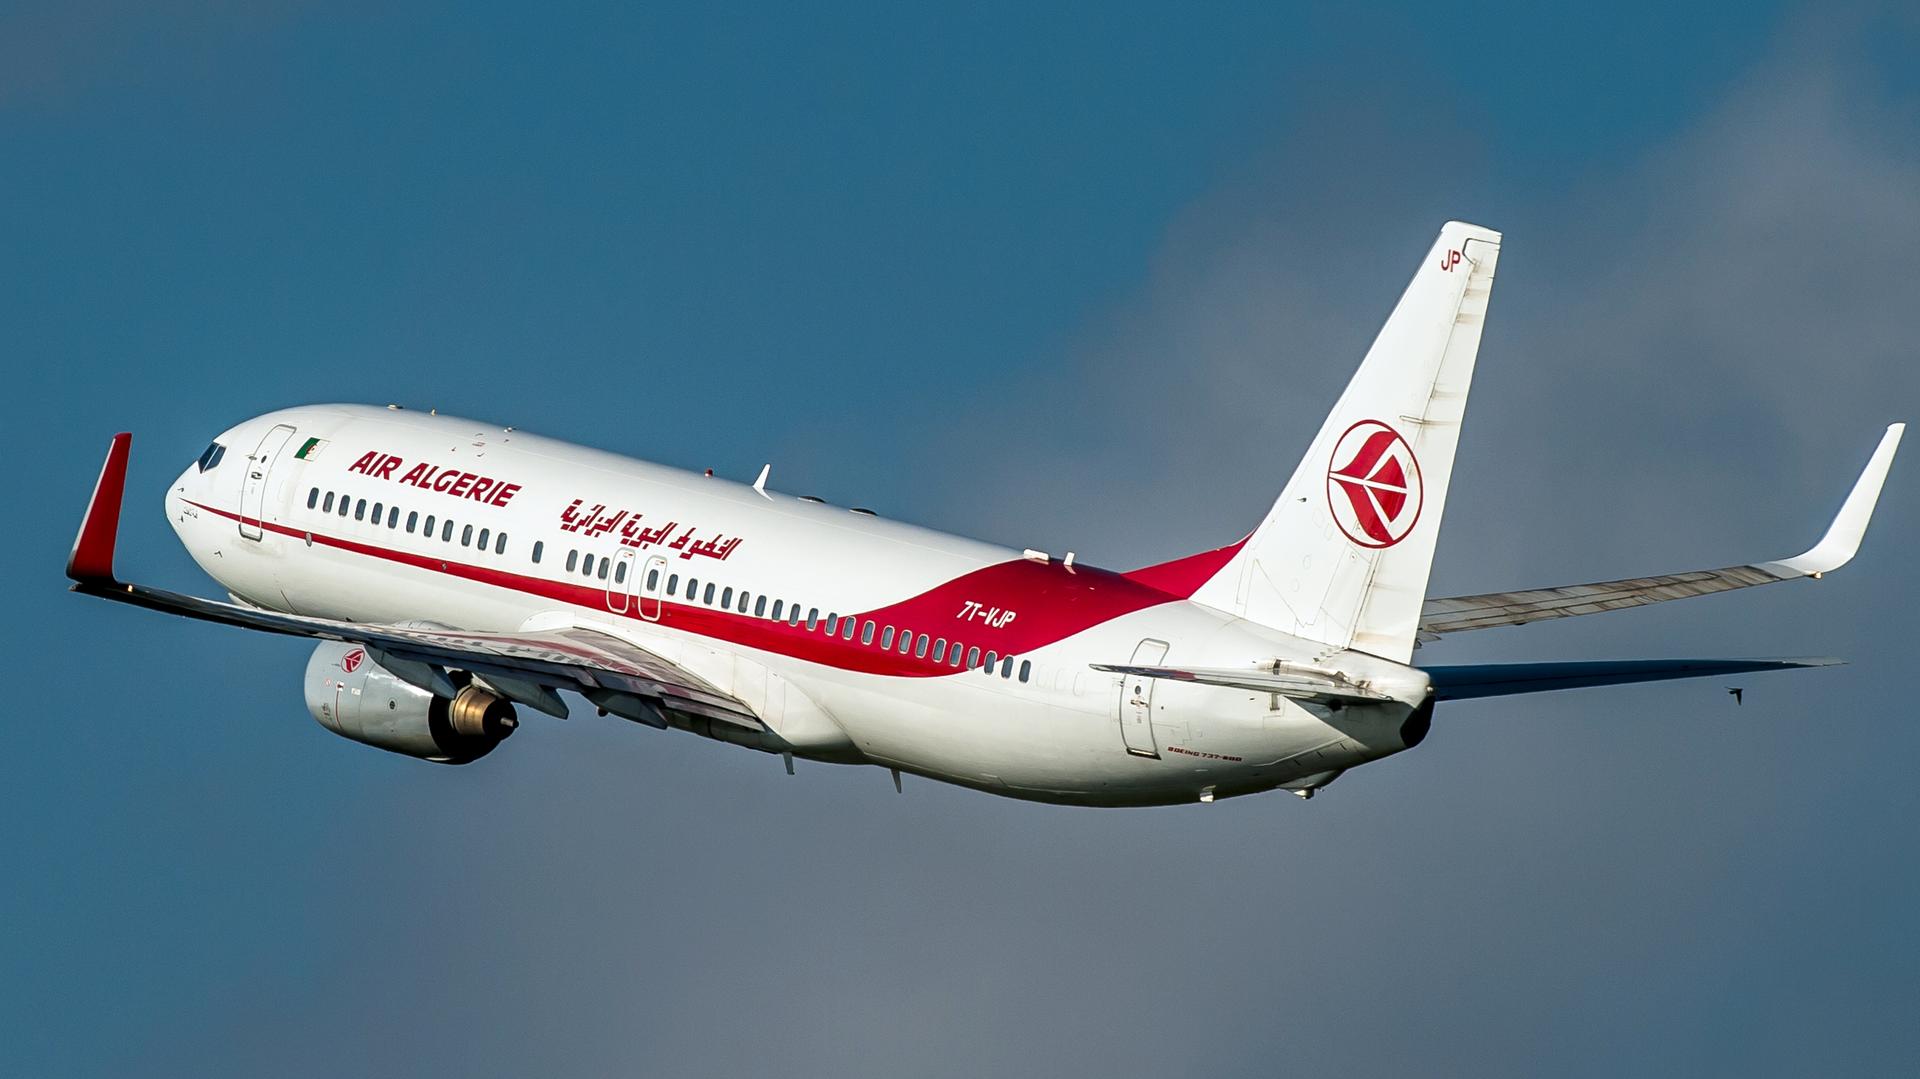 Рейс Air Algerie из Алжира в Марсель пропал с радаров над Средиземным морем